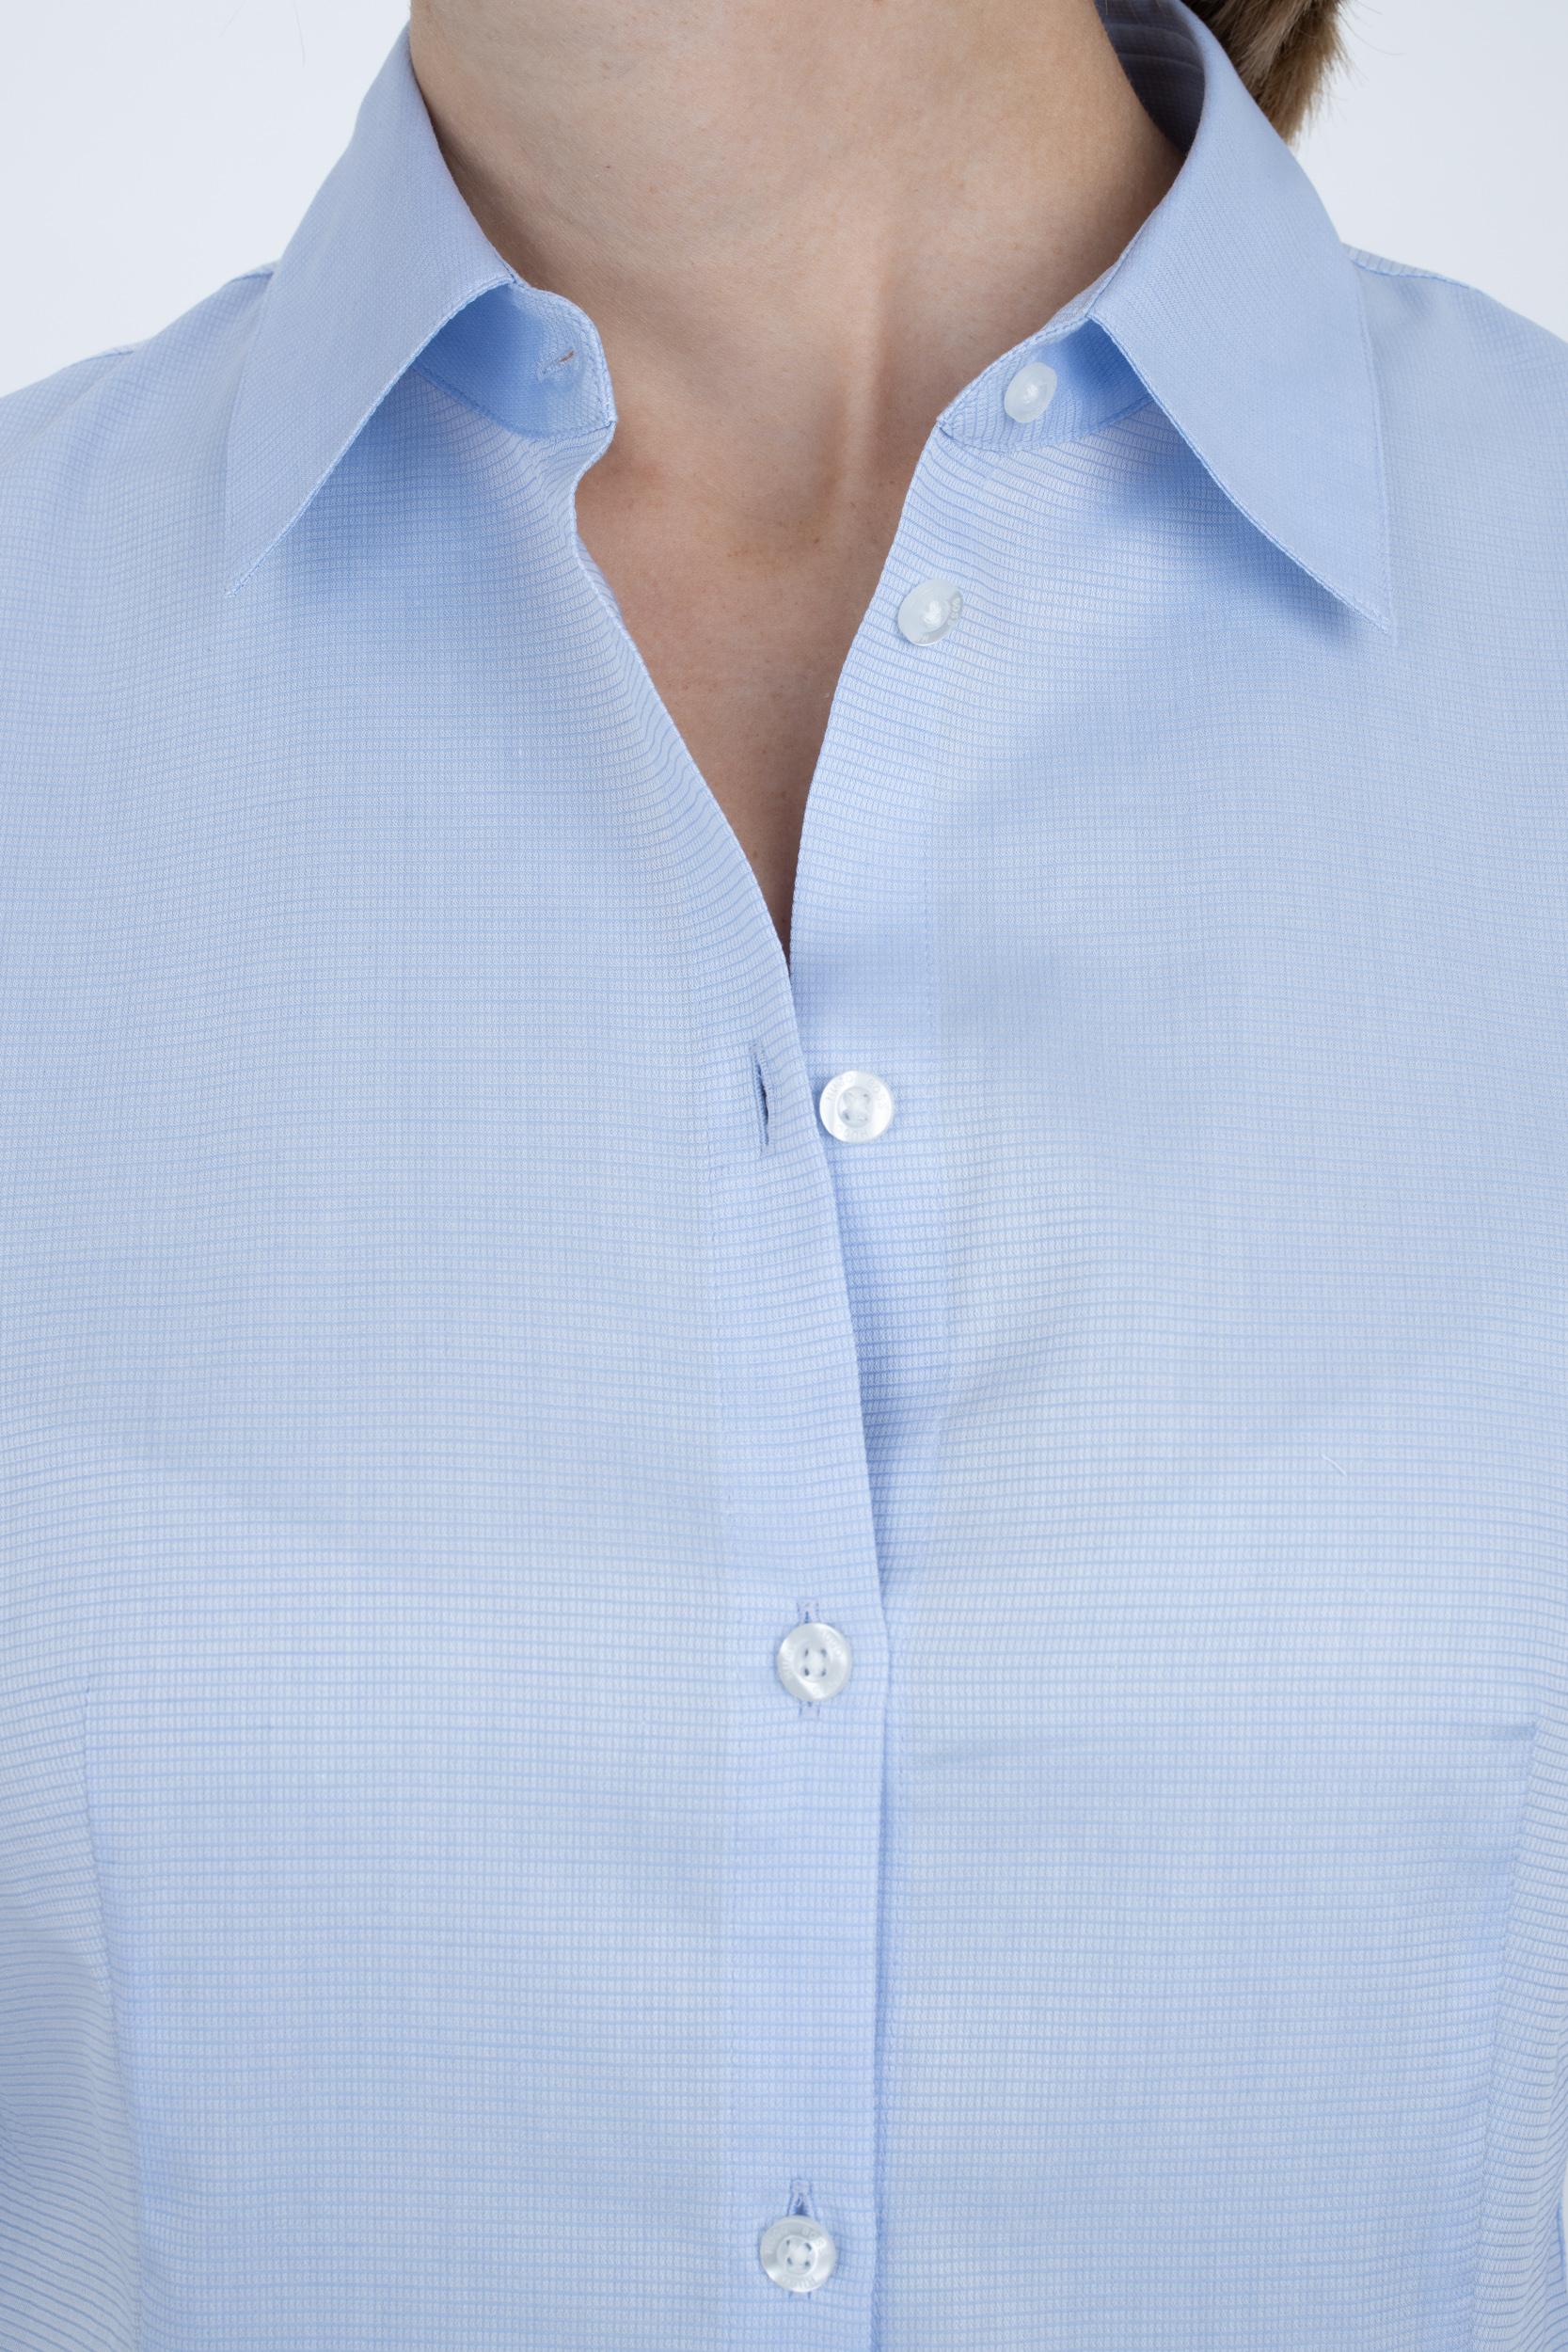 Bluse aus Baumwolle mit Spitzkragen